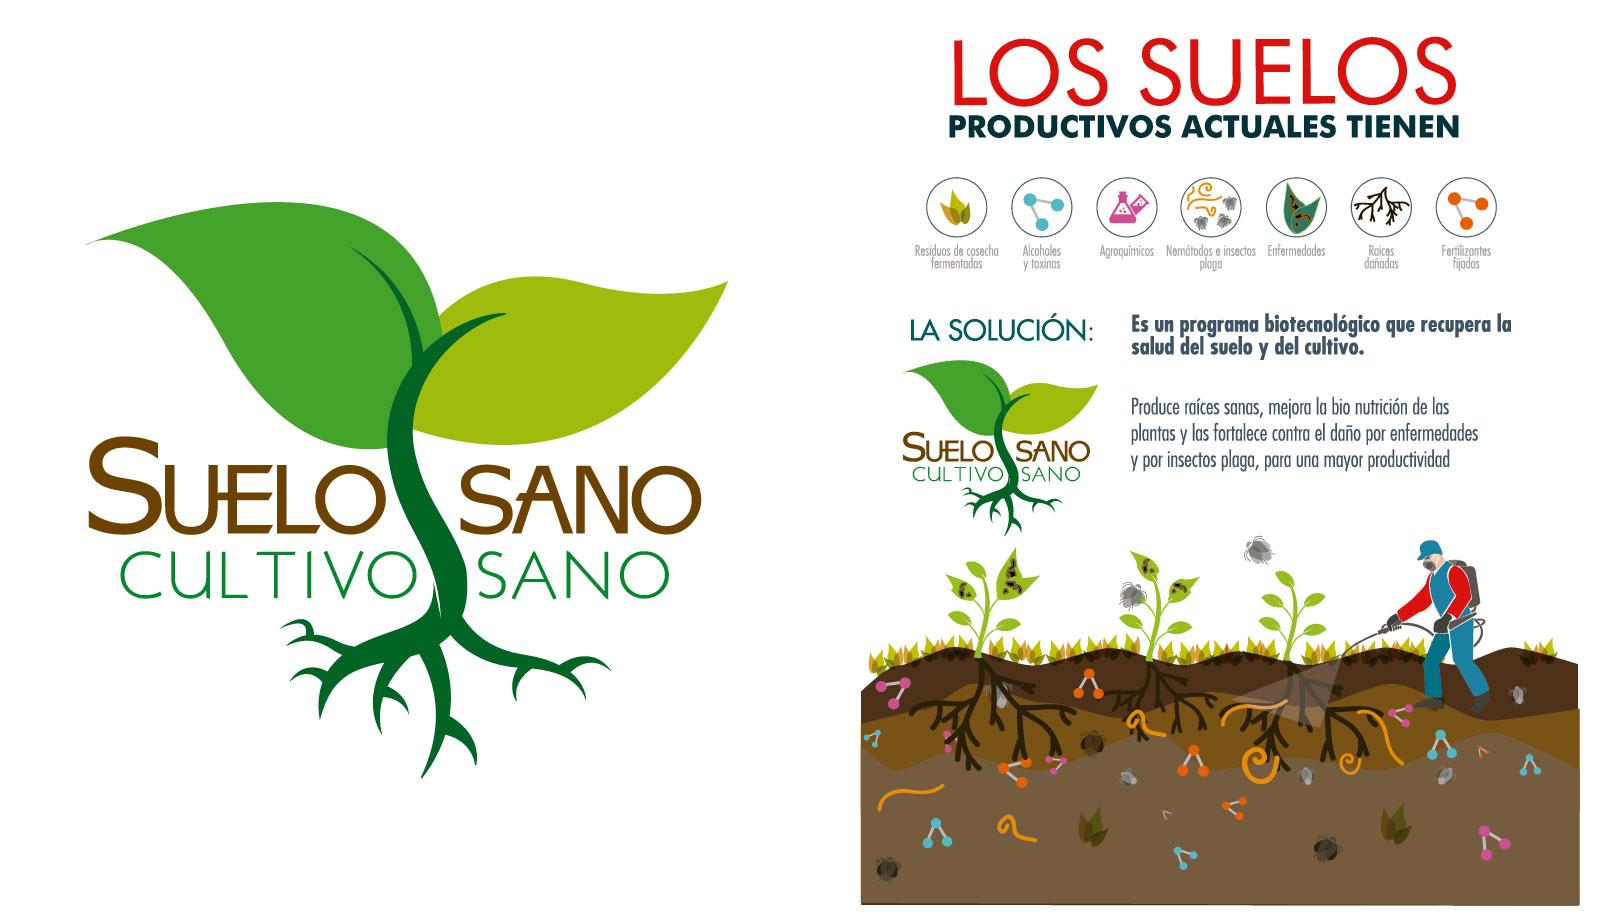 Suelo sano cultivo sano for Que es la clausula suelo de los bancos